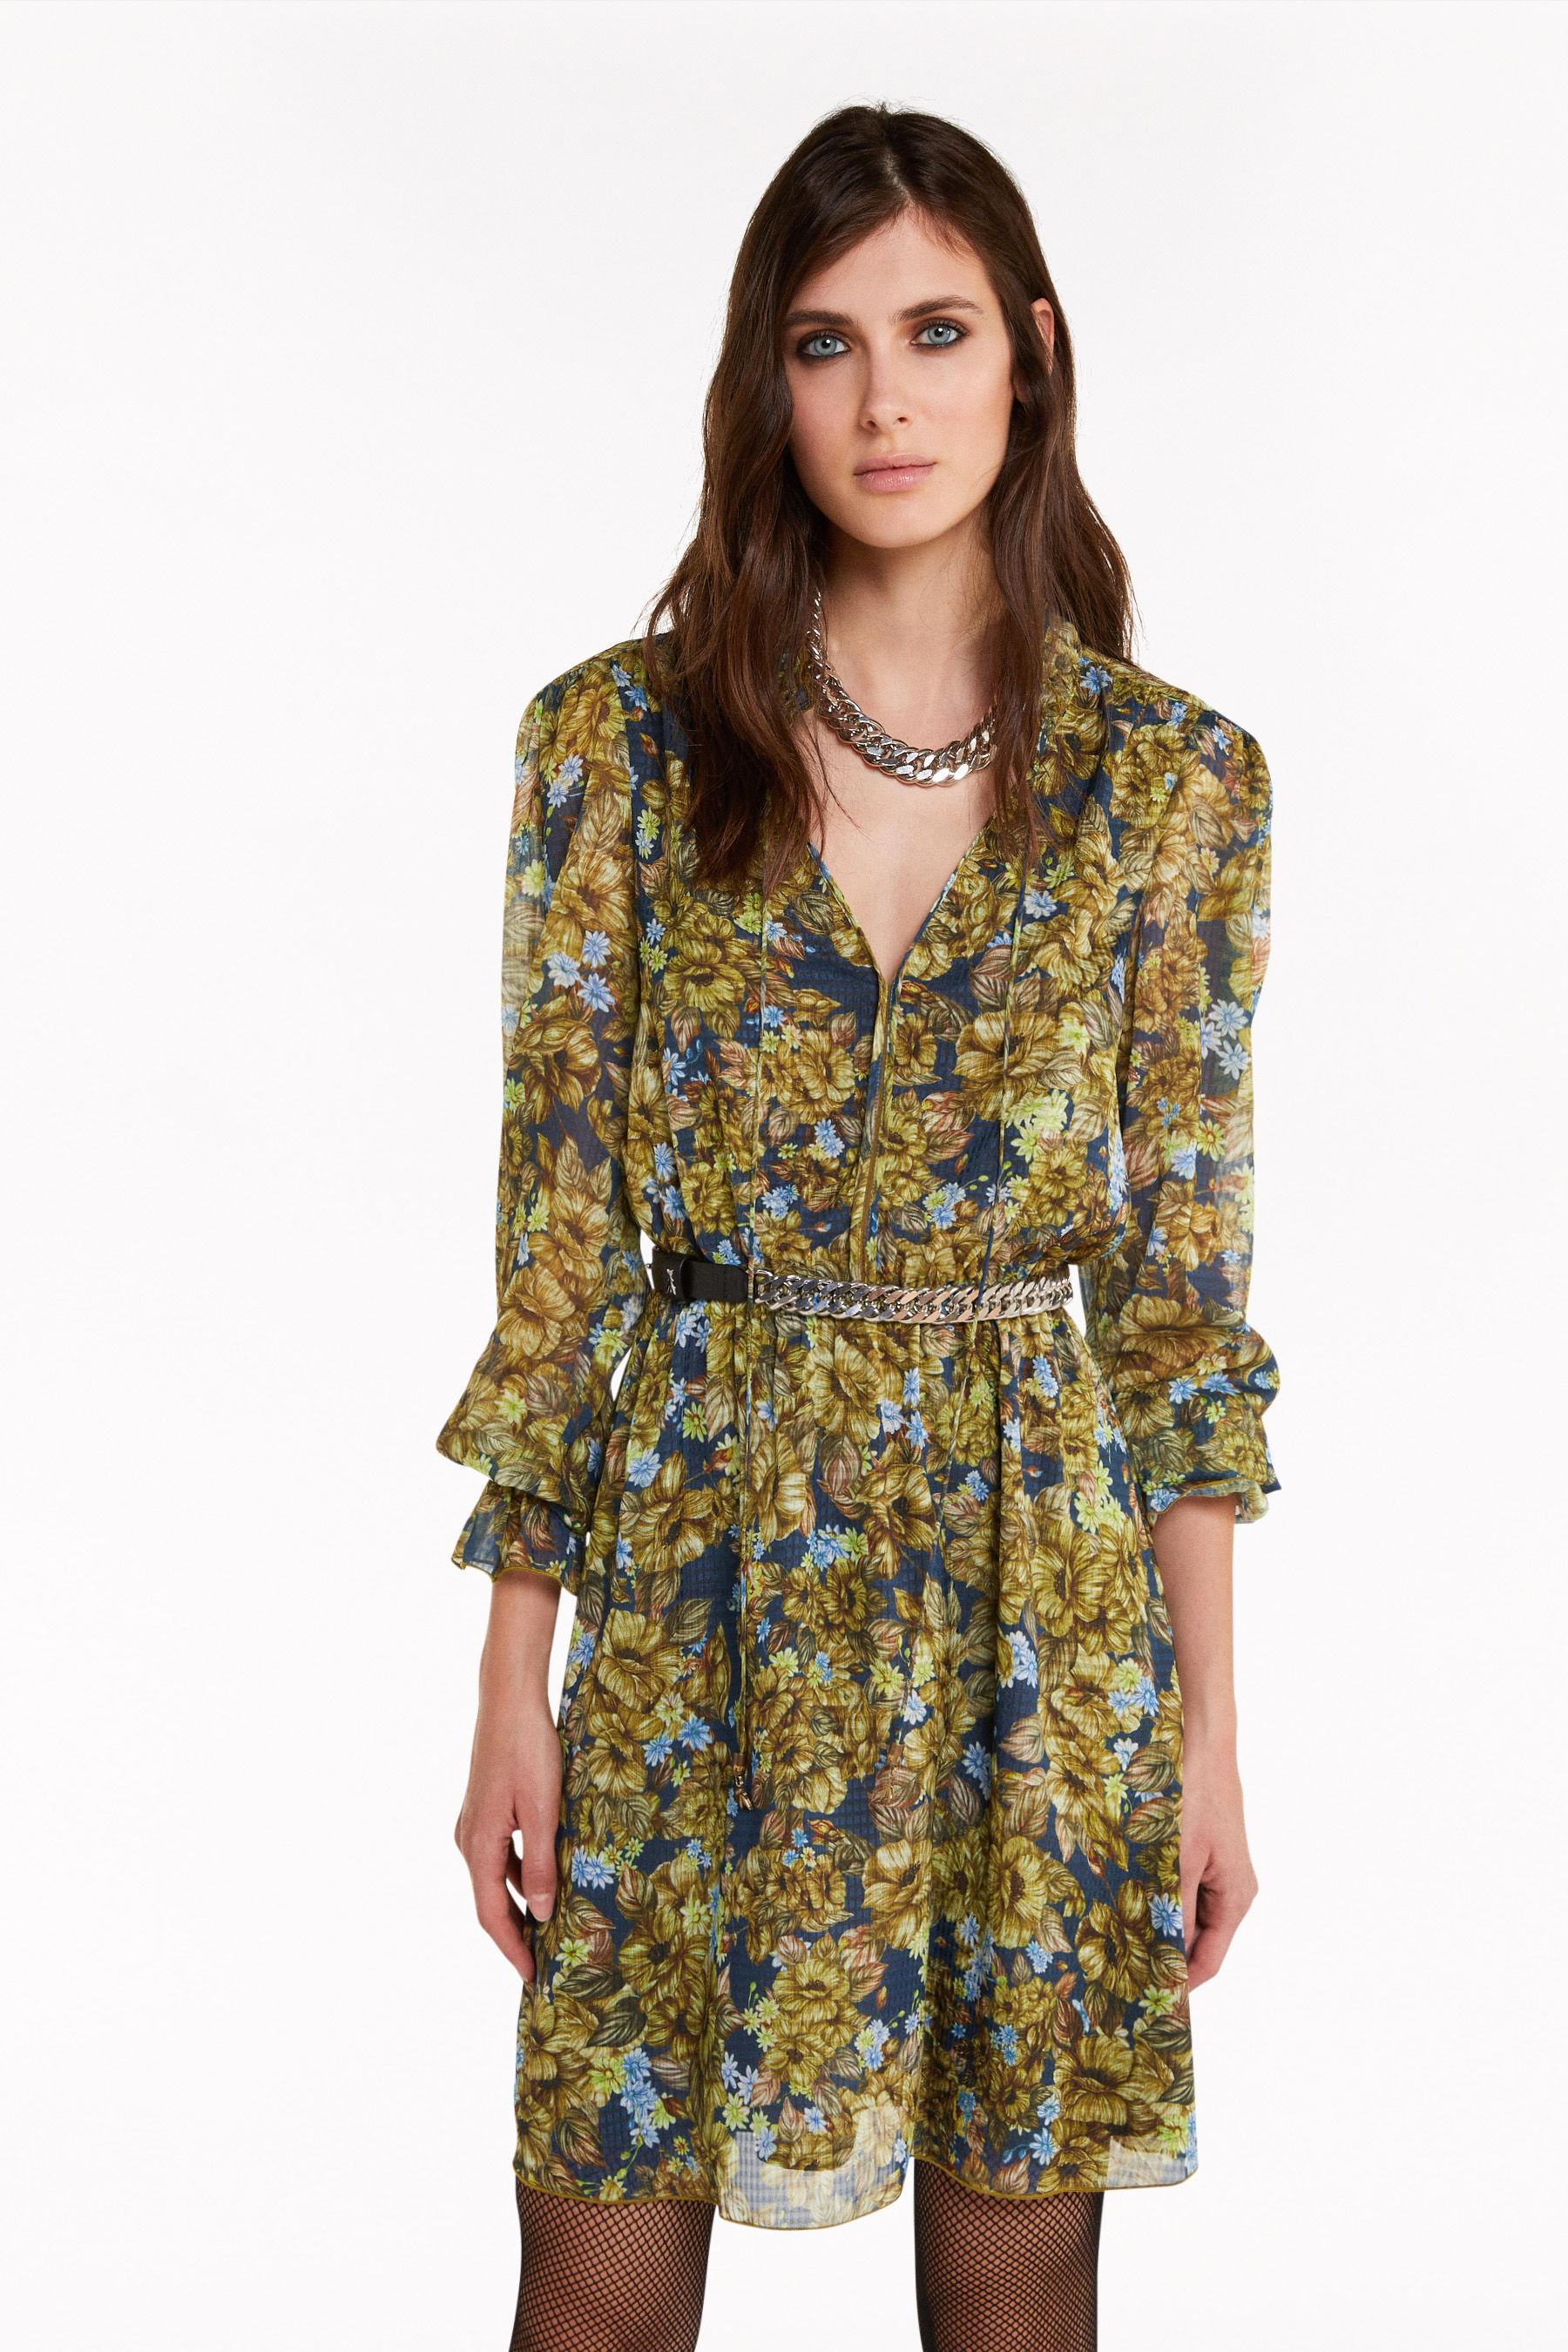 minikleid mit camouflage-print | damen kleider | patrizia pepe